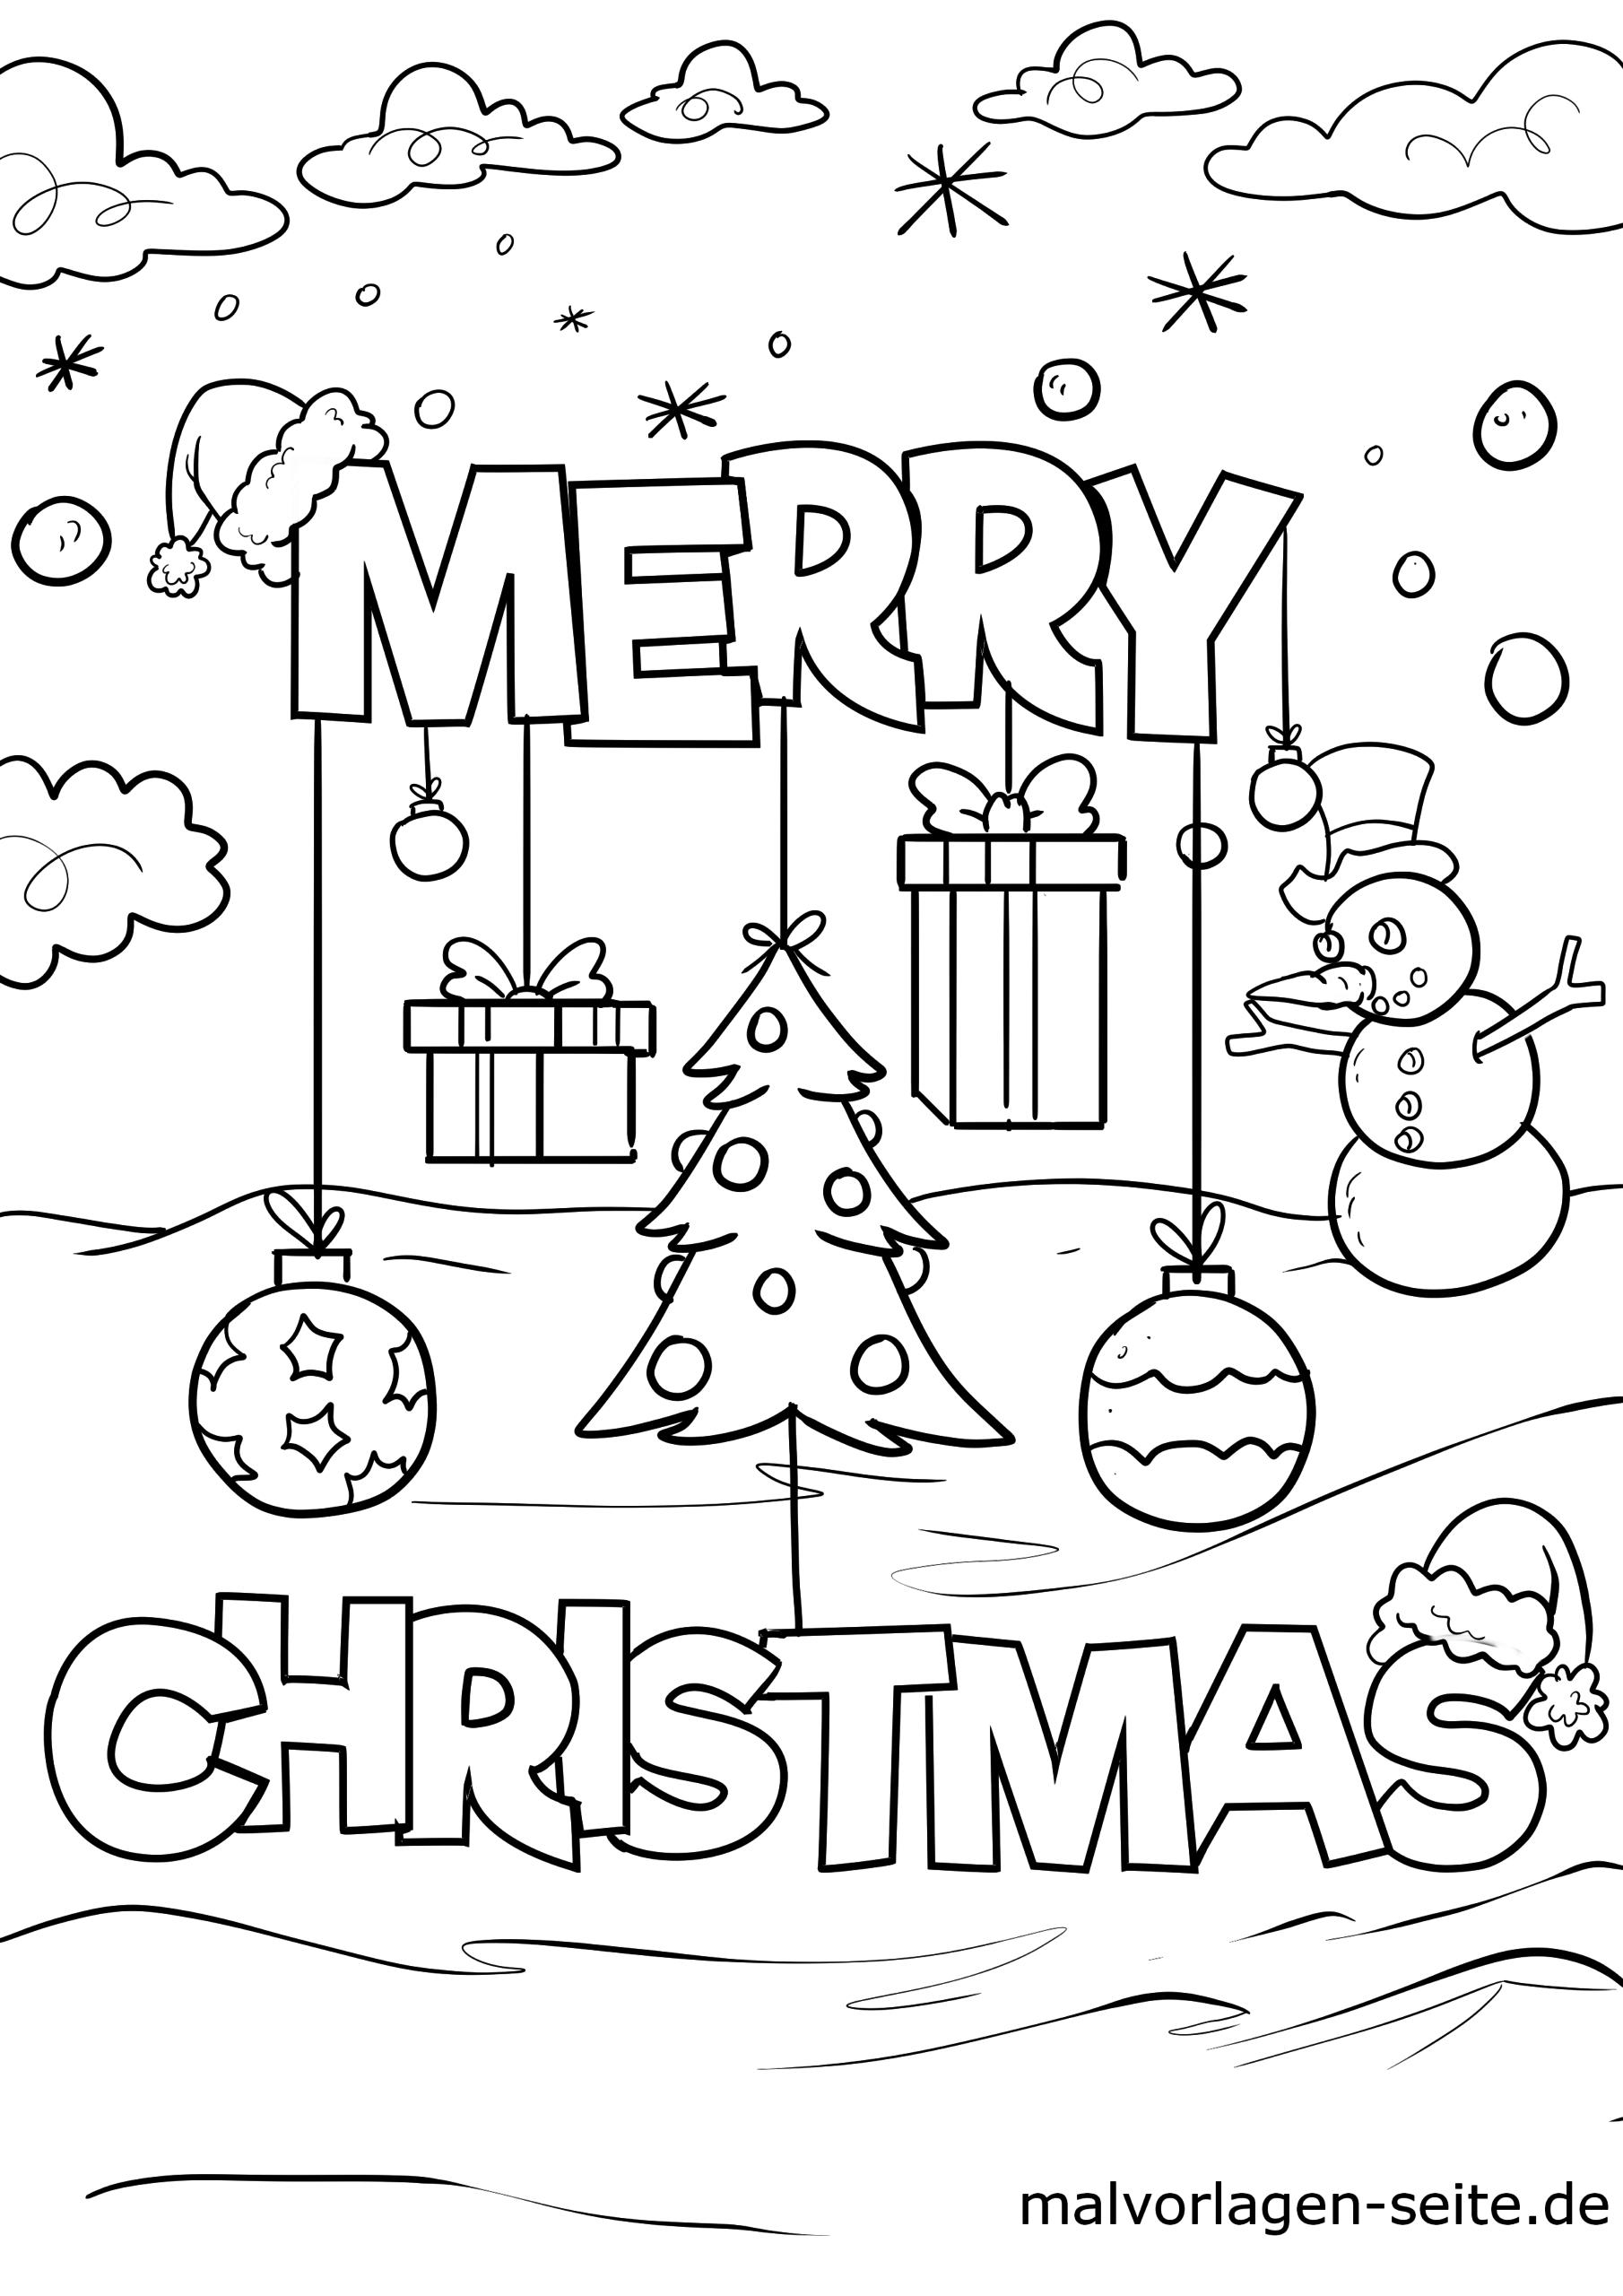 Malvorlage Merry Christmas   Weihnachten - Ausmalbilder bei Ausmalbilder Weihnachten